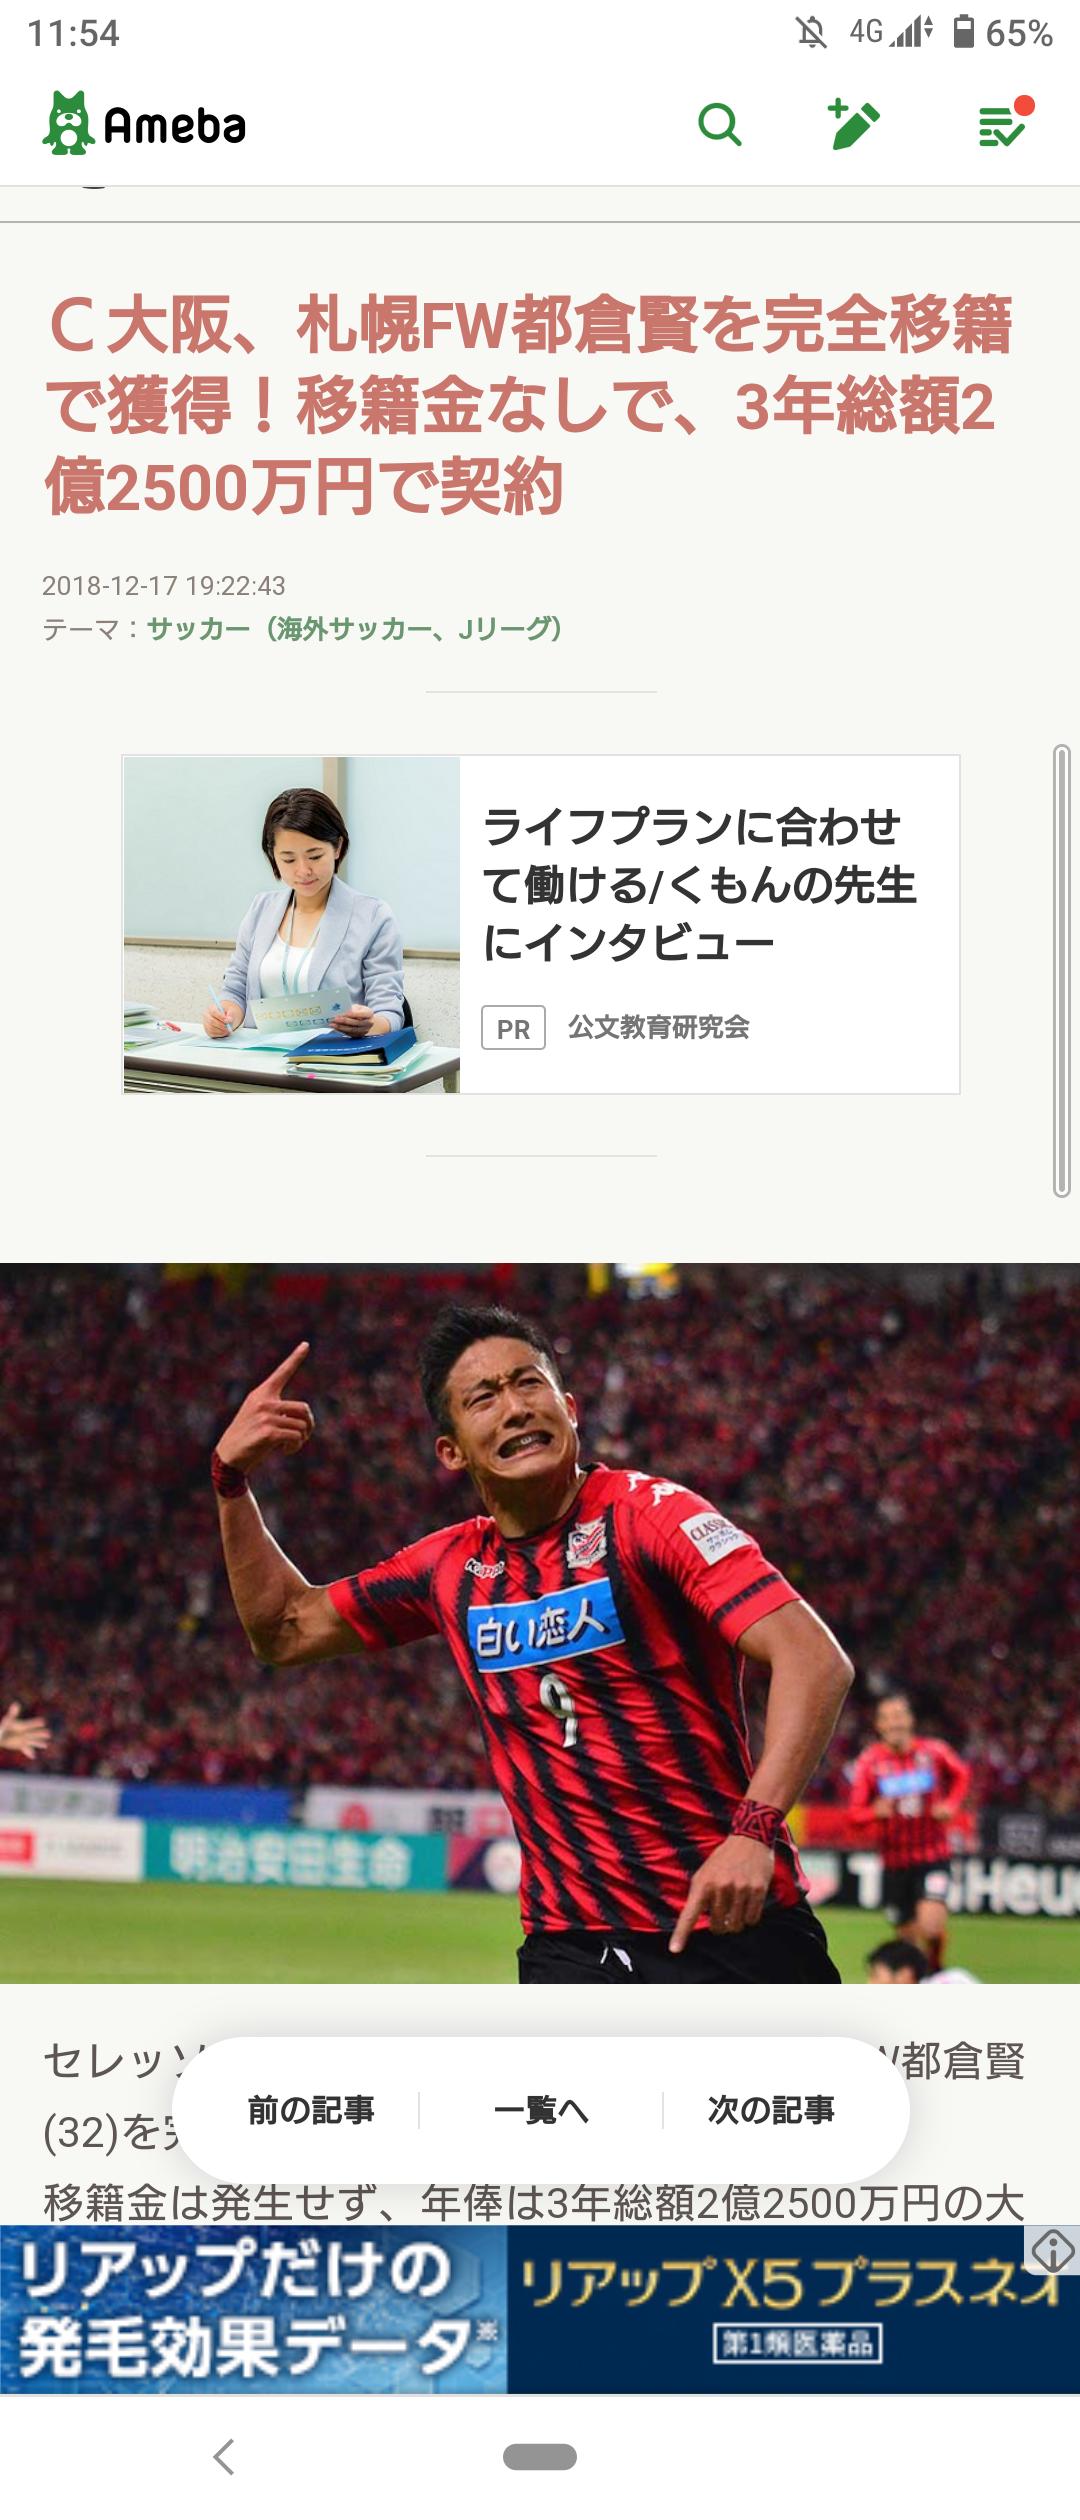 北海道 サッカー 掲示板 北海道 - 5ちゃんねる掲示板